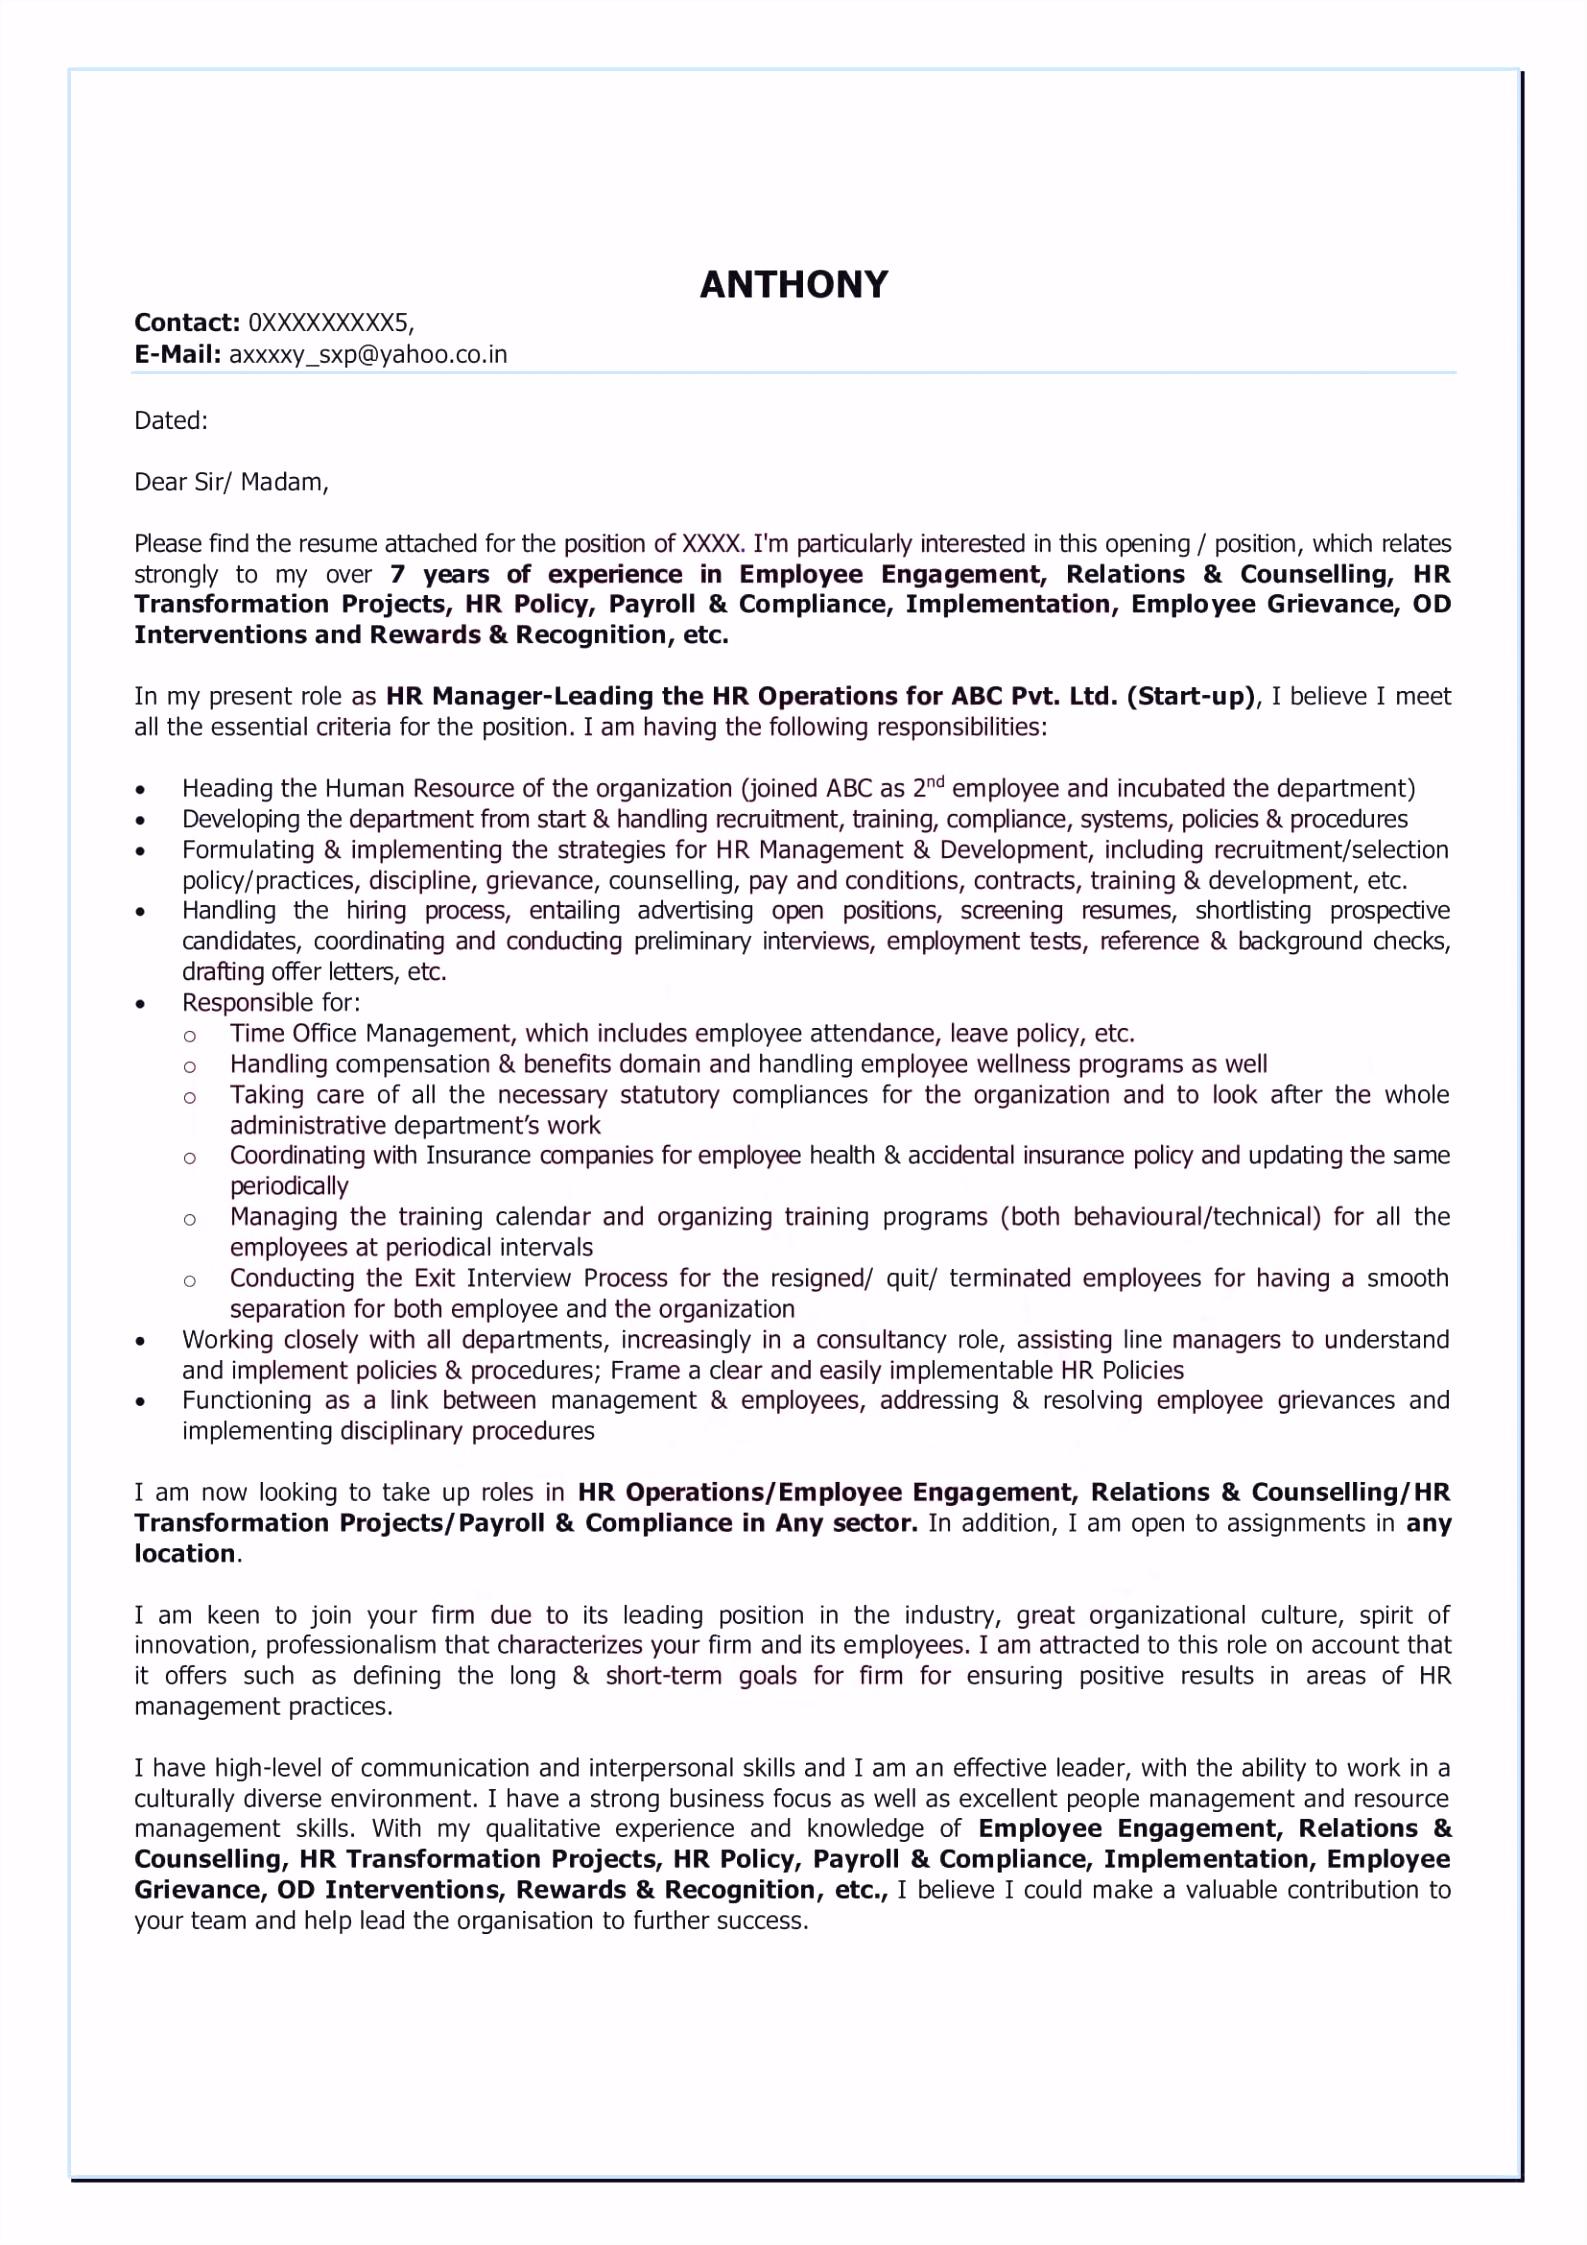 Management Vertrag Vorlage 27 Schön Unterschied Vereinbarung Und Vertrag Muster S3ro21tp00 E4yjsuedi2